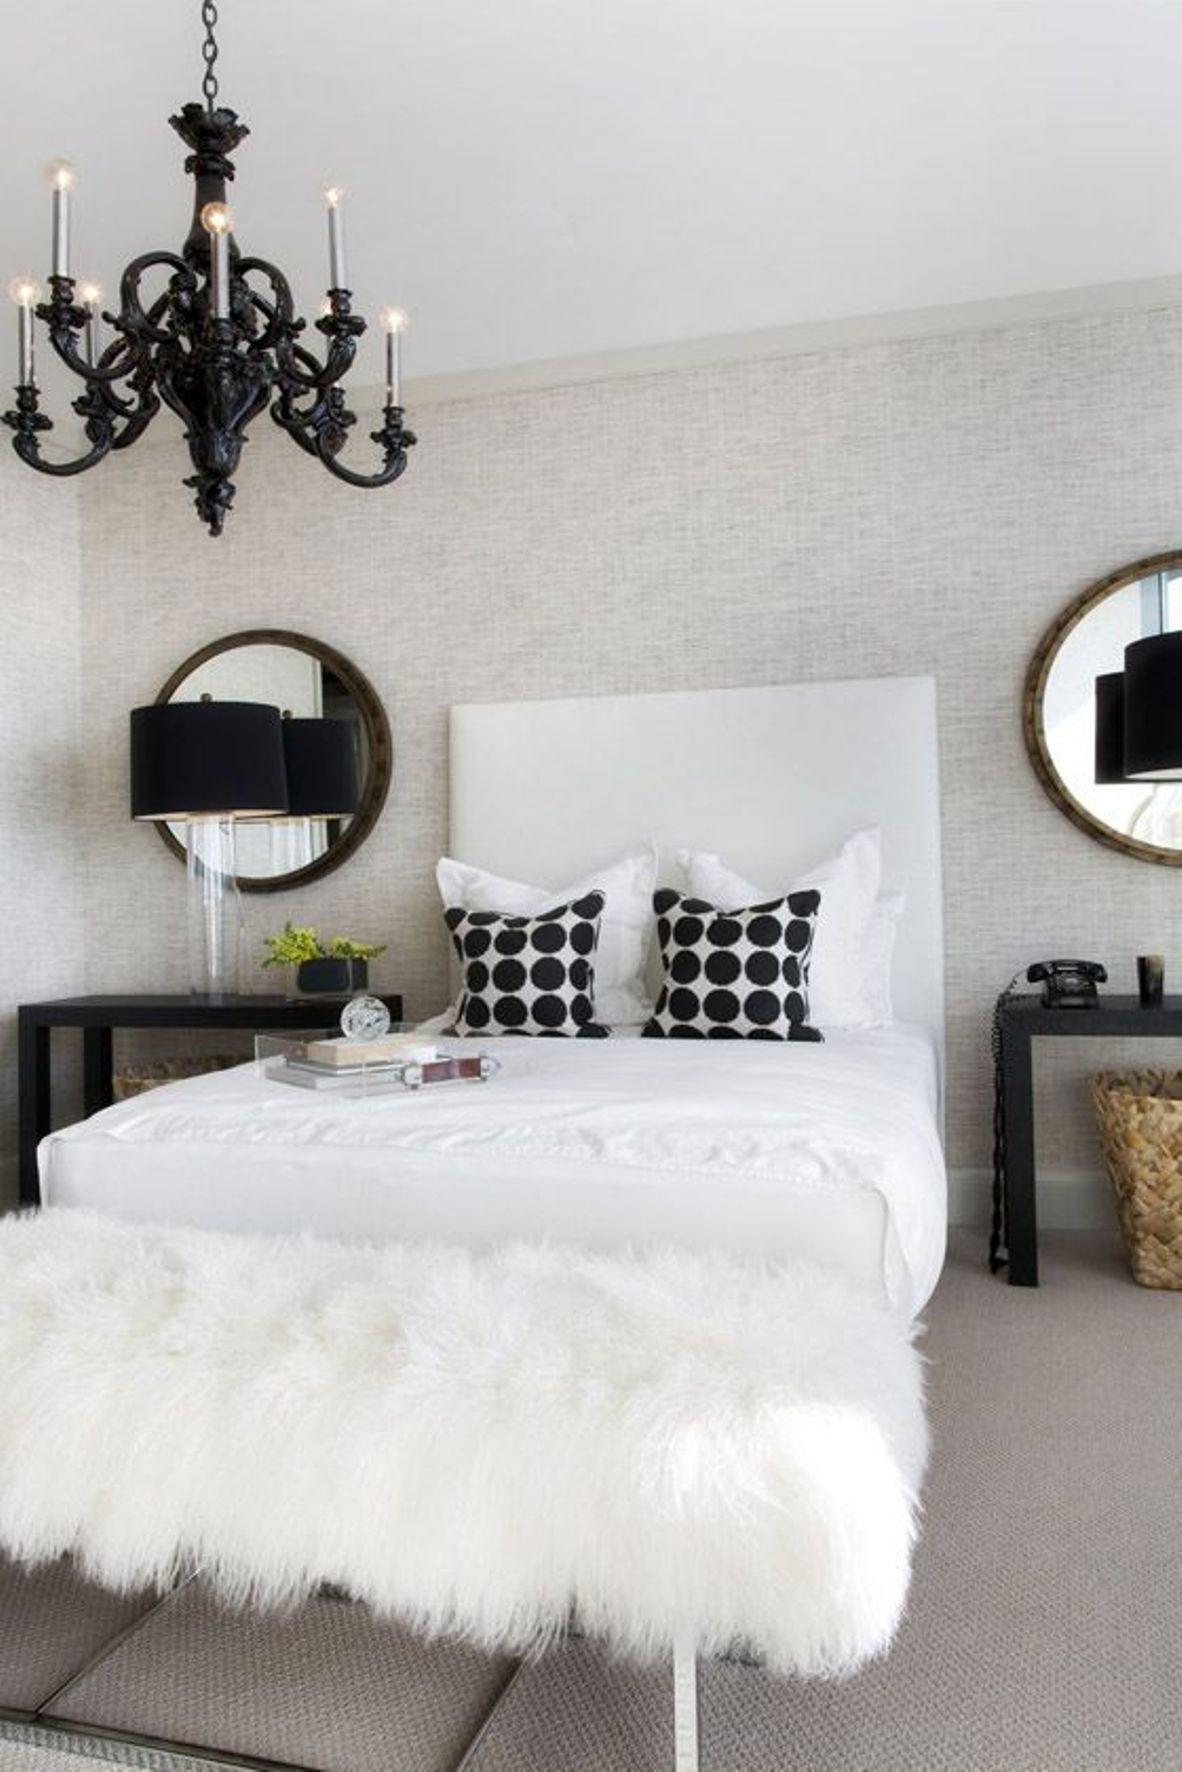 O modelo de candelabro preto seguiu a harmonia da decoração do quarto.